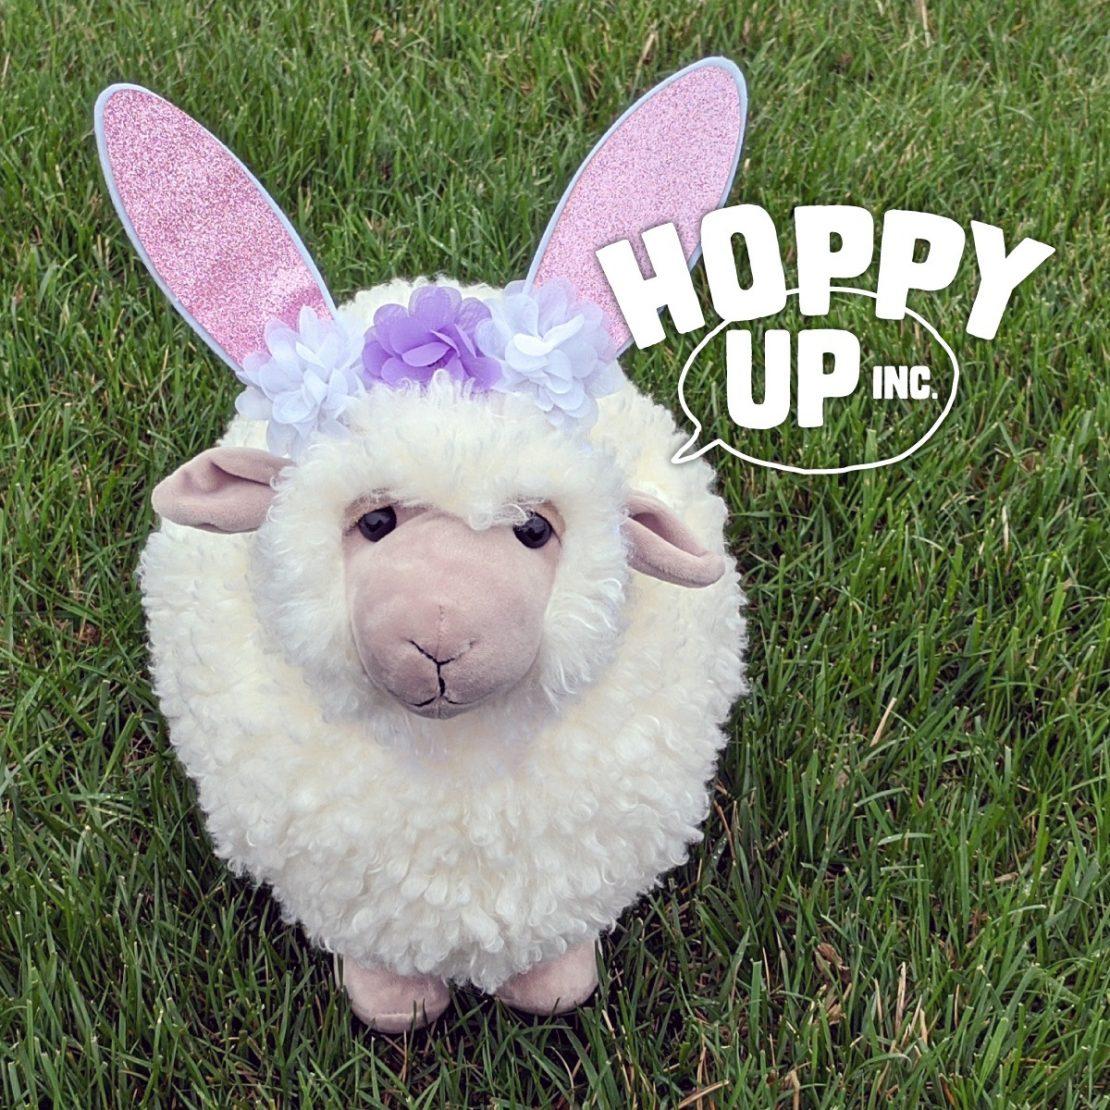 Easter Treats From Hoppy Up Inc.